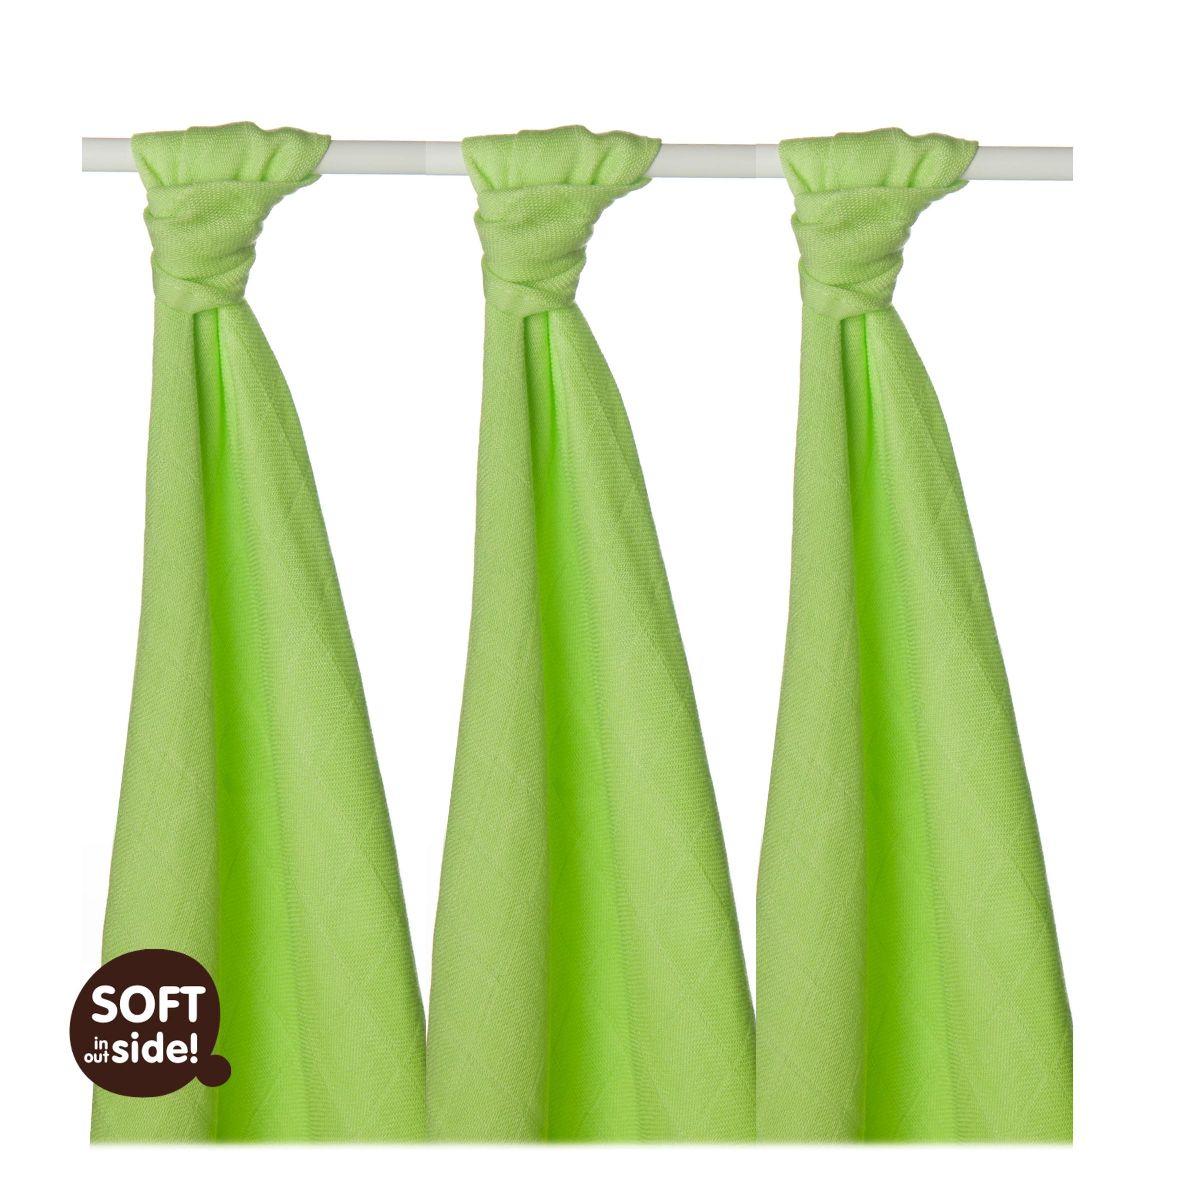 Musselinas de Bamboo 70x70 Cores